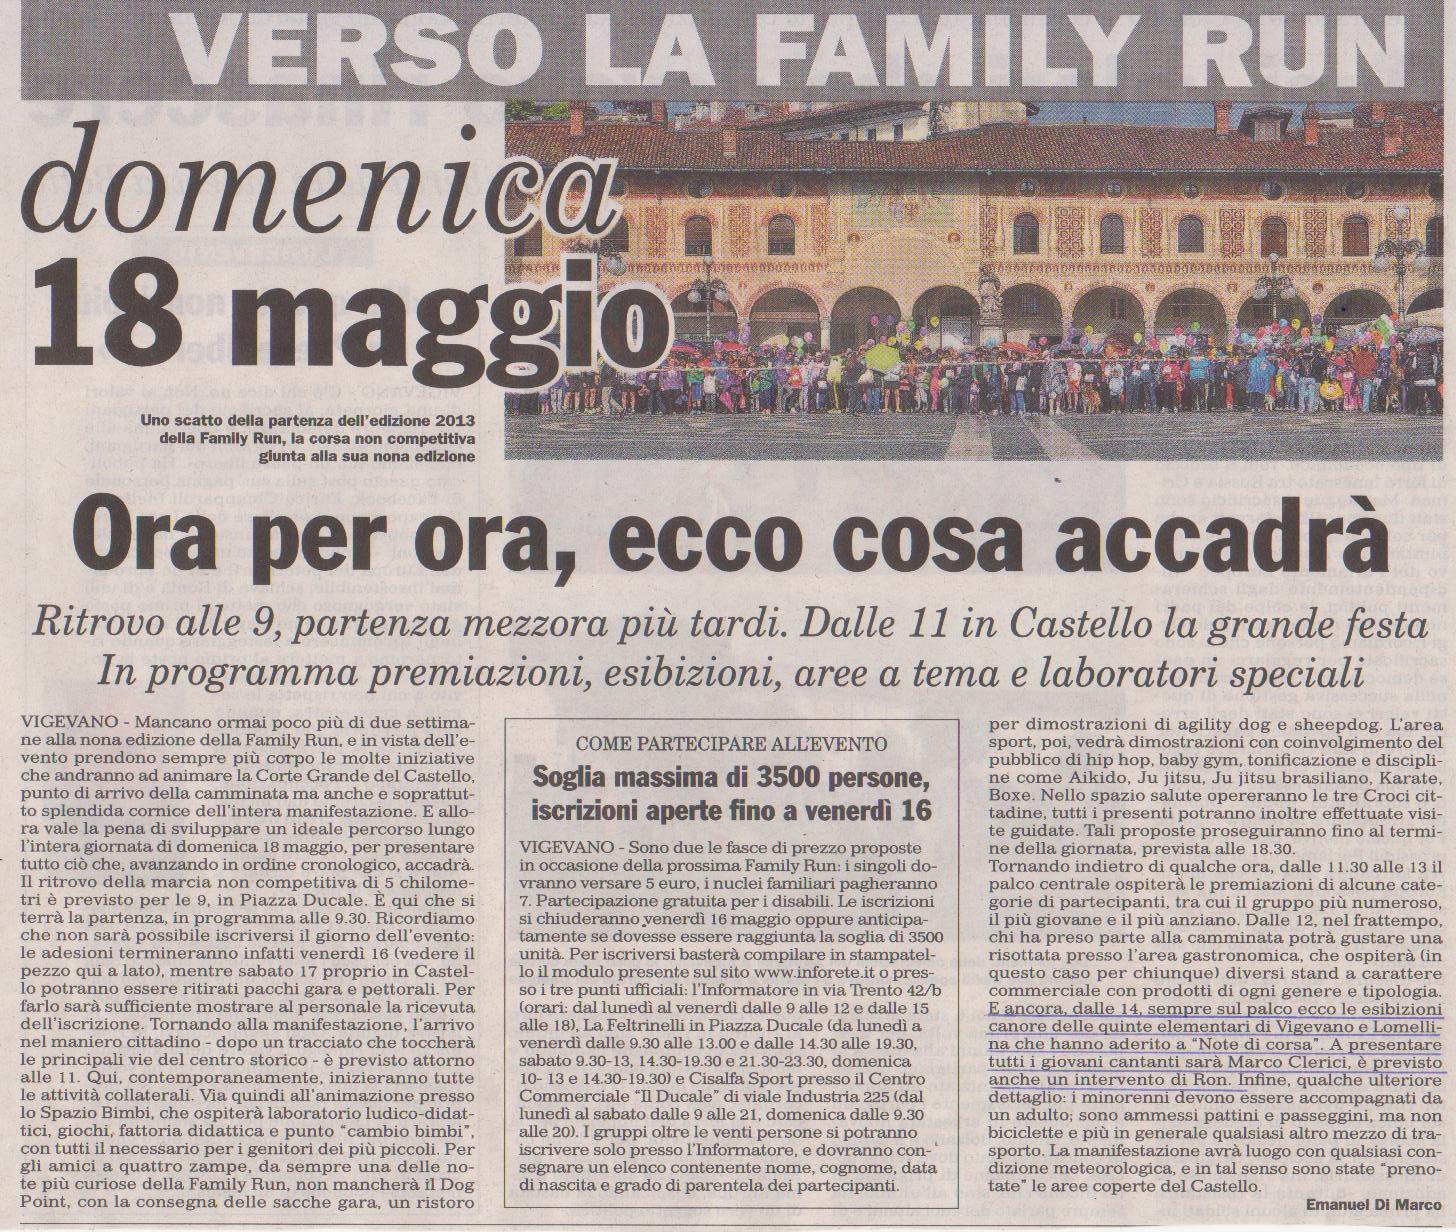 FAMILI RUN 2014 E NOTE DI CORSA